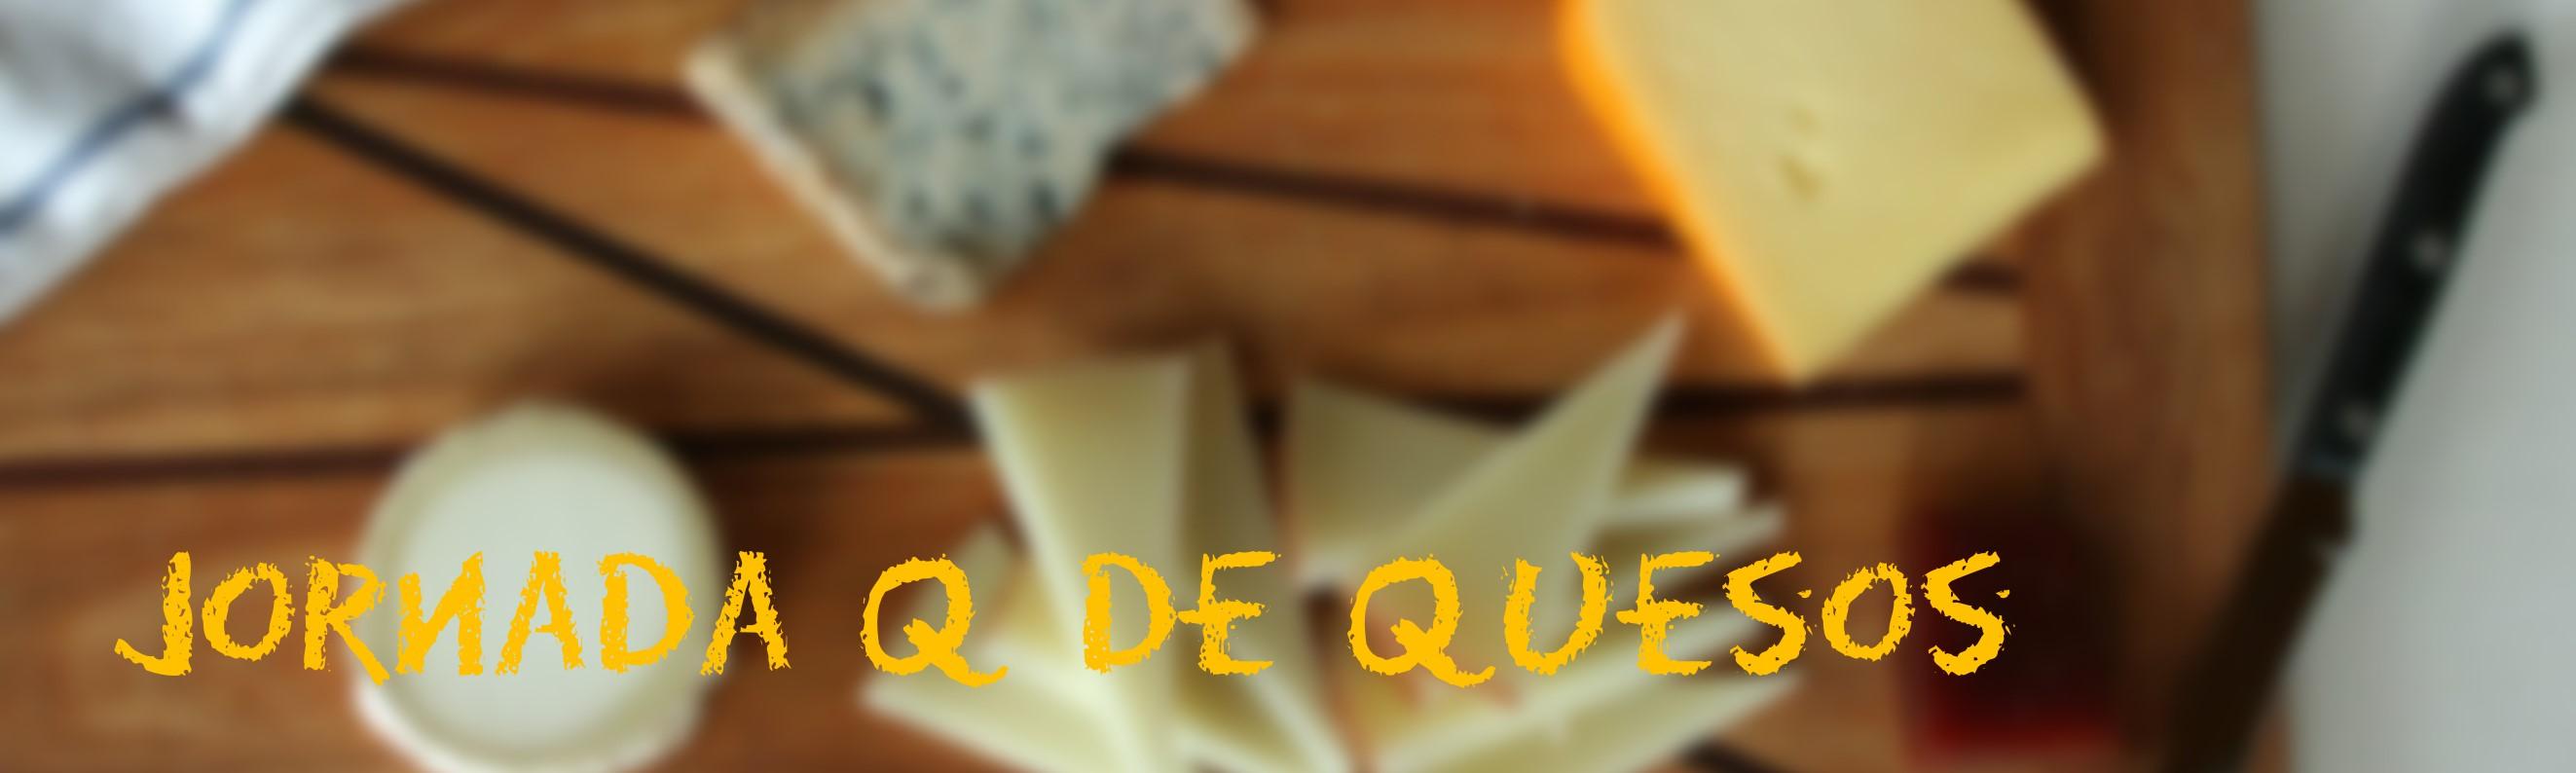 q de quesos (2)